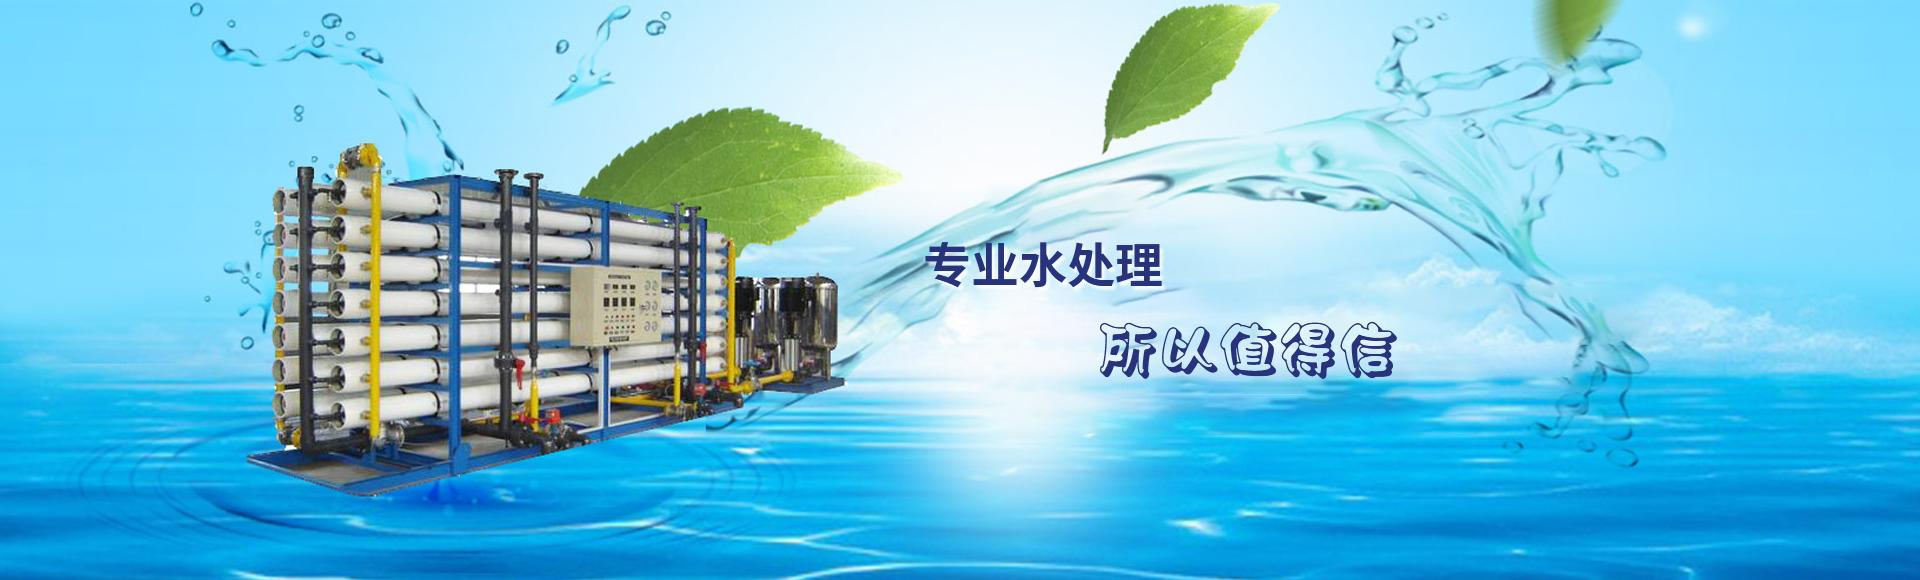 湖北污水处理公司